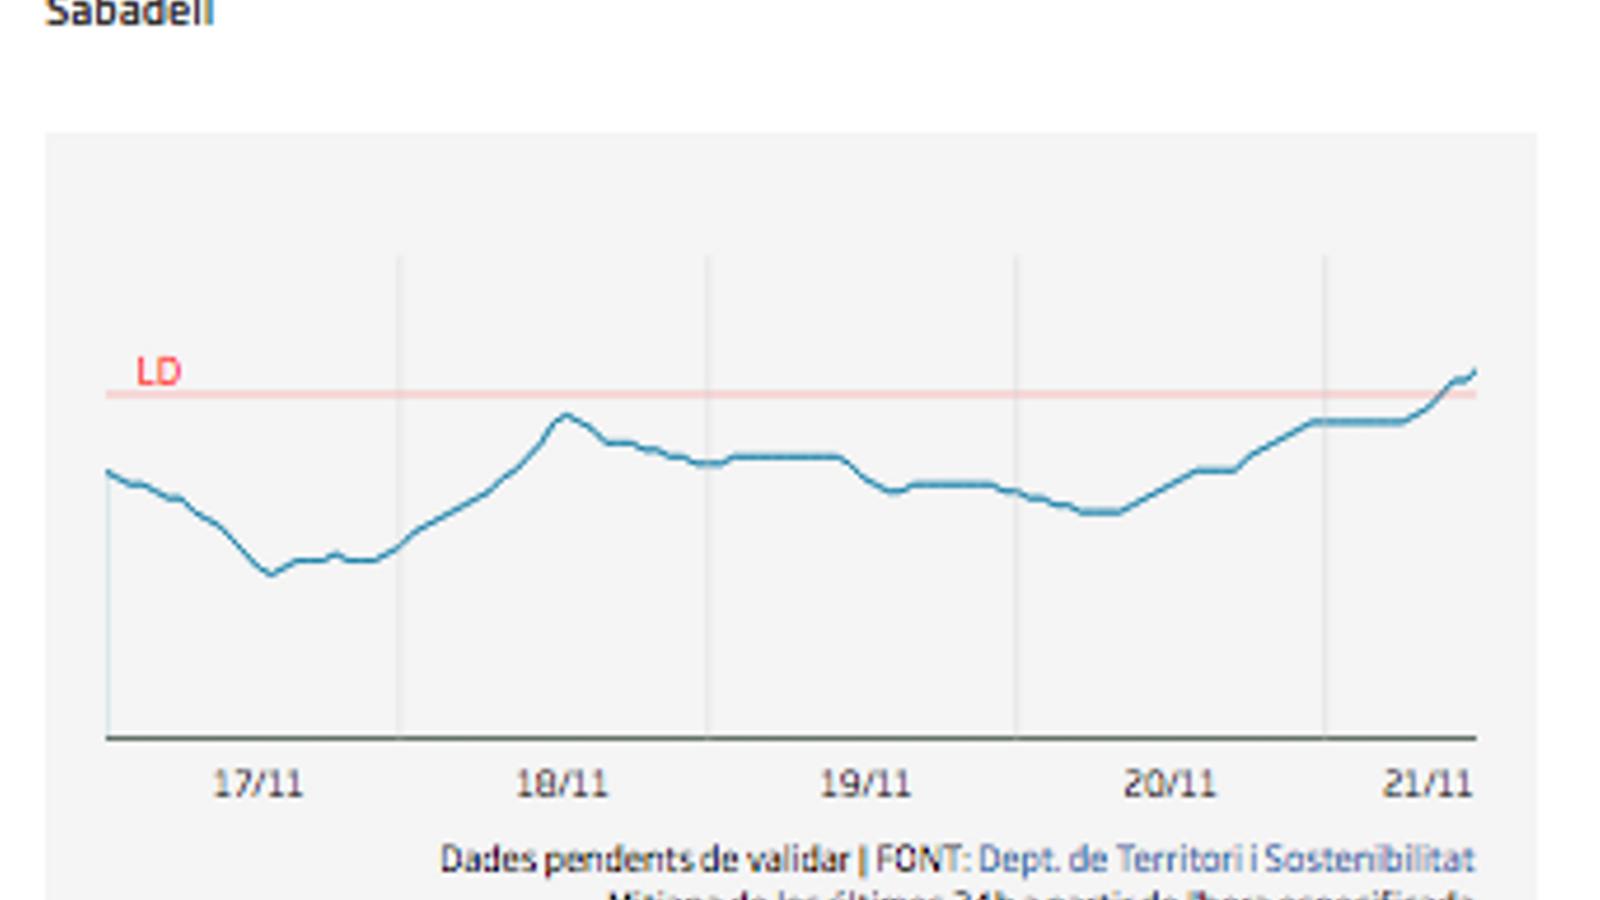 Evolució del nivell de partícules PM10 a Sabadell durant els últims dies